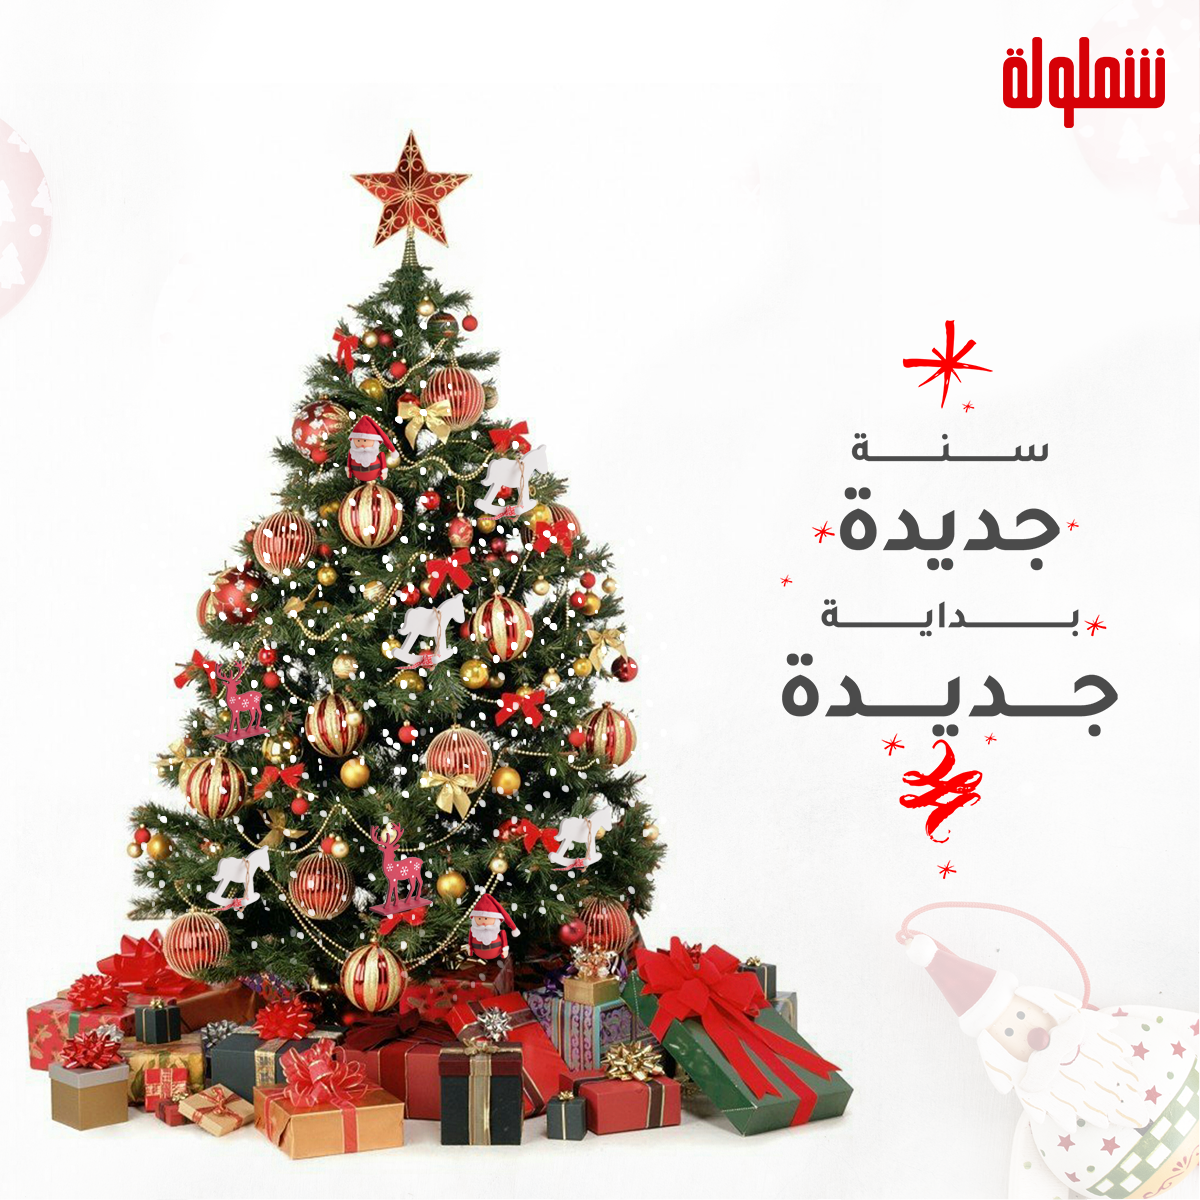 ٦ خطوات بسيطة و شجرة الكريسماس تبقى جاهزة Holiday Decor Christmas Tree Decor